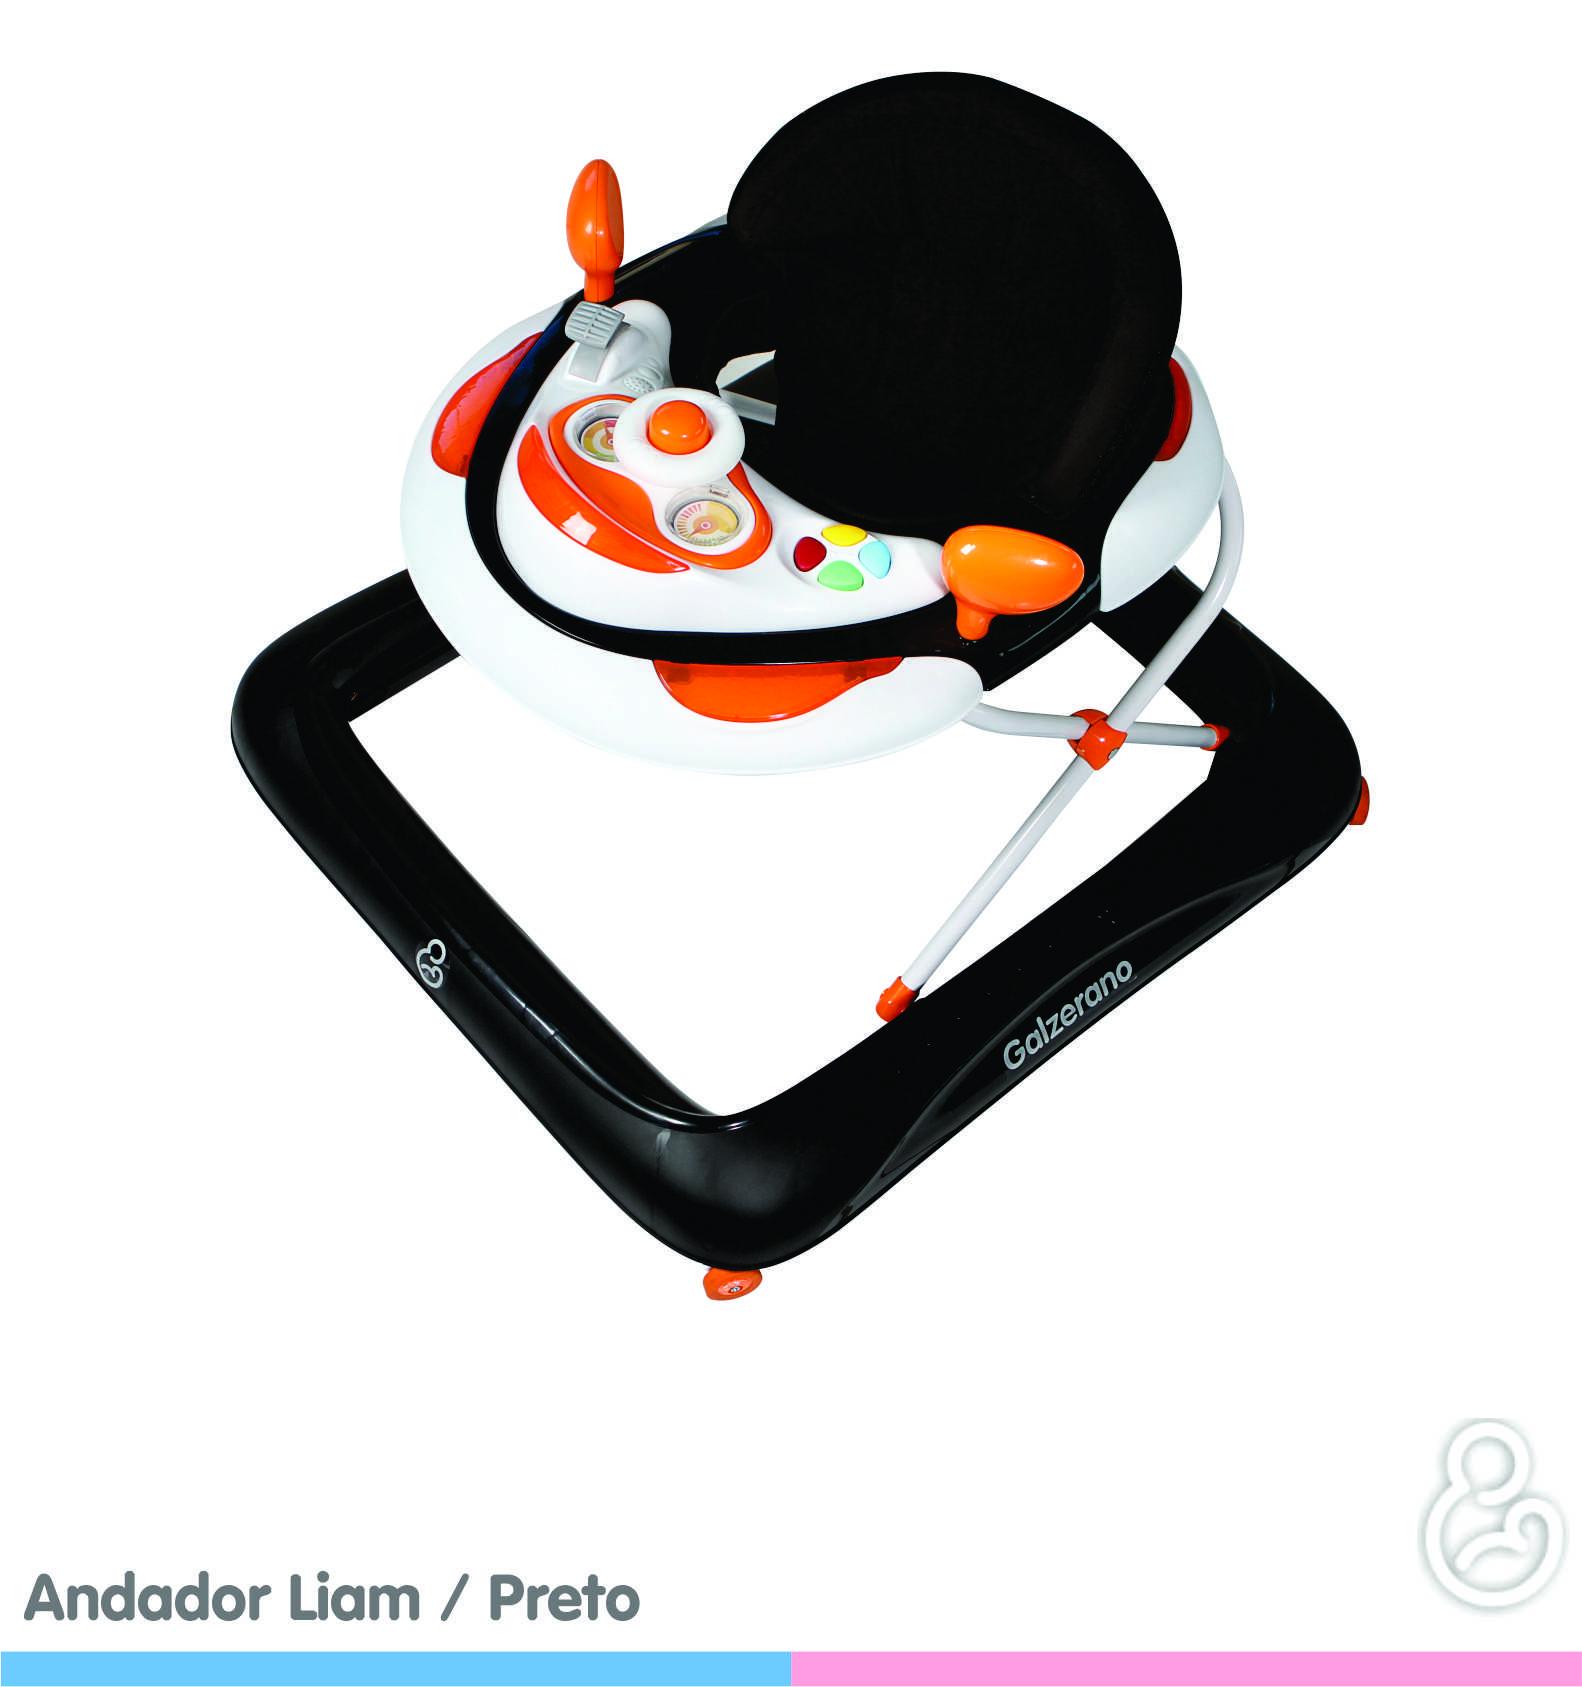 Andador para Bebê Galzerano Liam - Preto